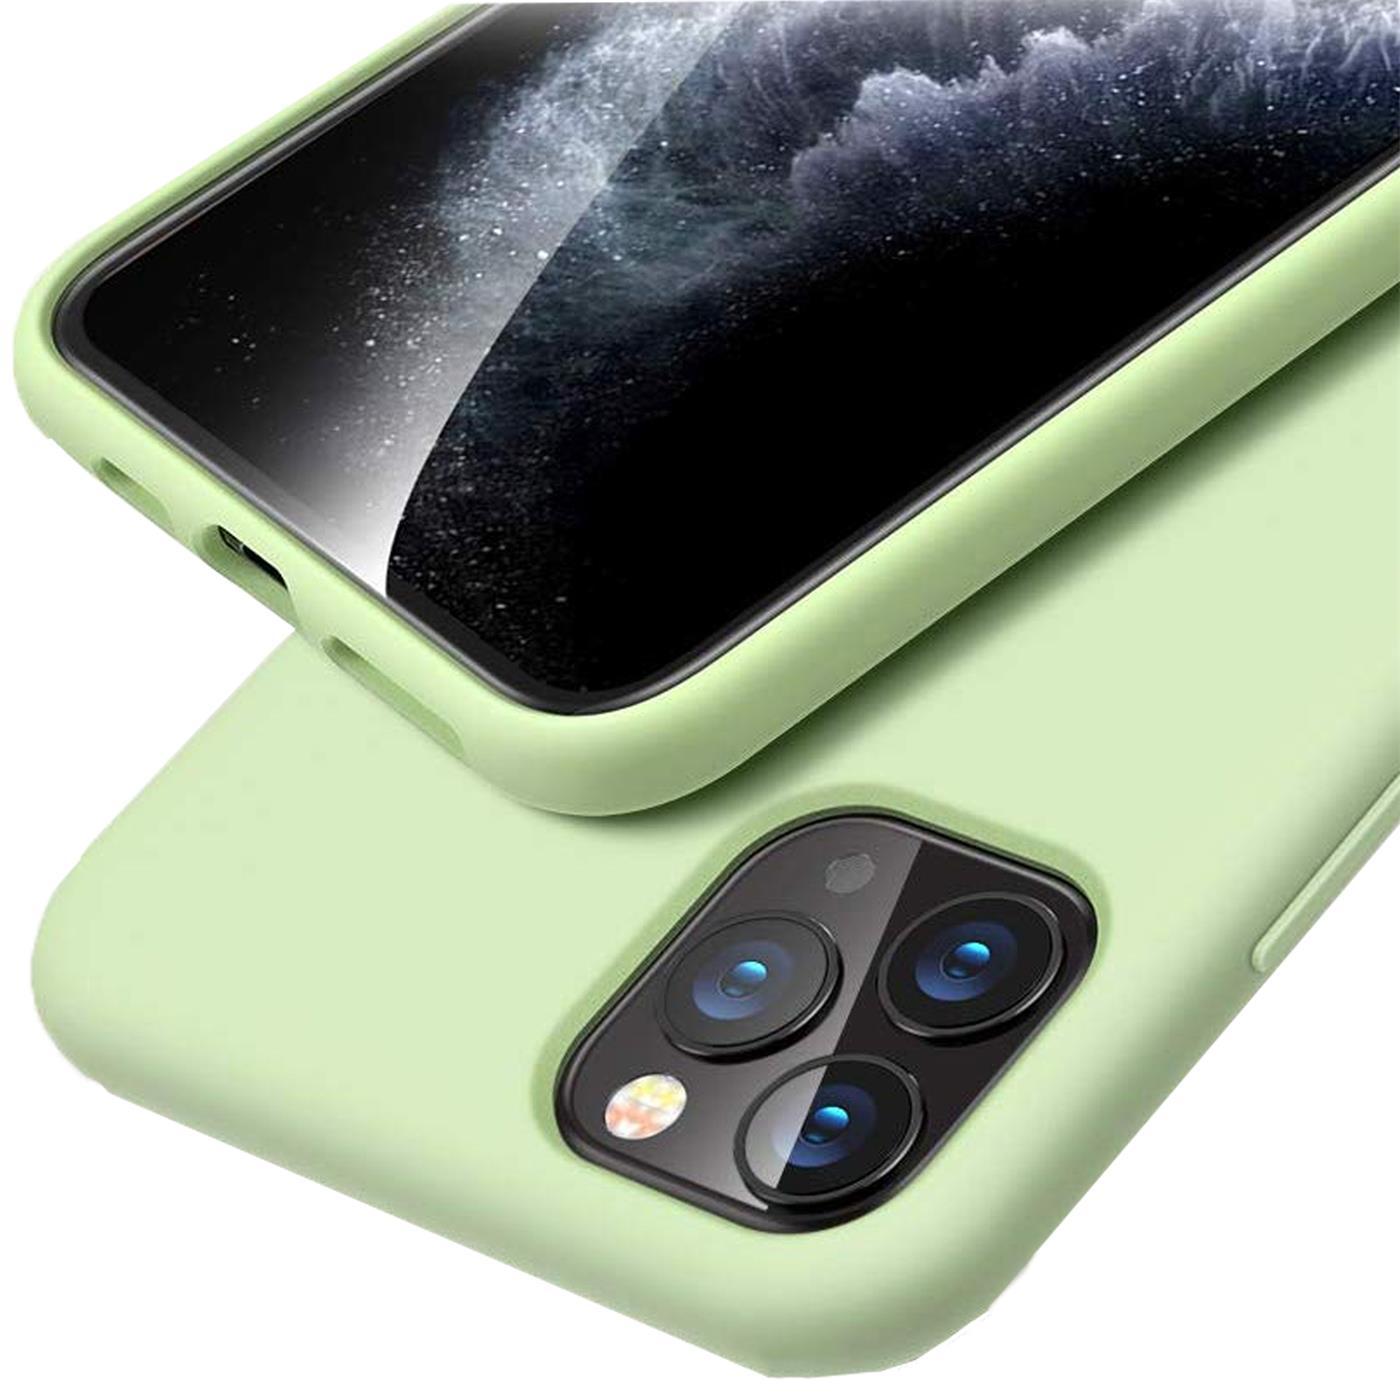 Silikon-Huelle-Schutzhuelle-Handy-Tasche-Handyhuelle-Slim-Case-Cover-Duenn-matt-Etui Indexbild 19